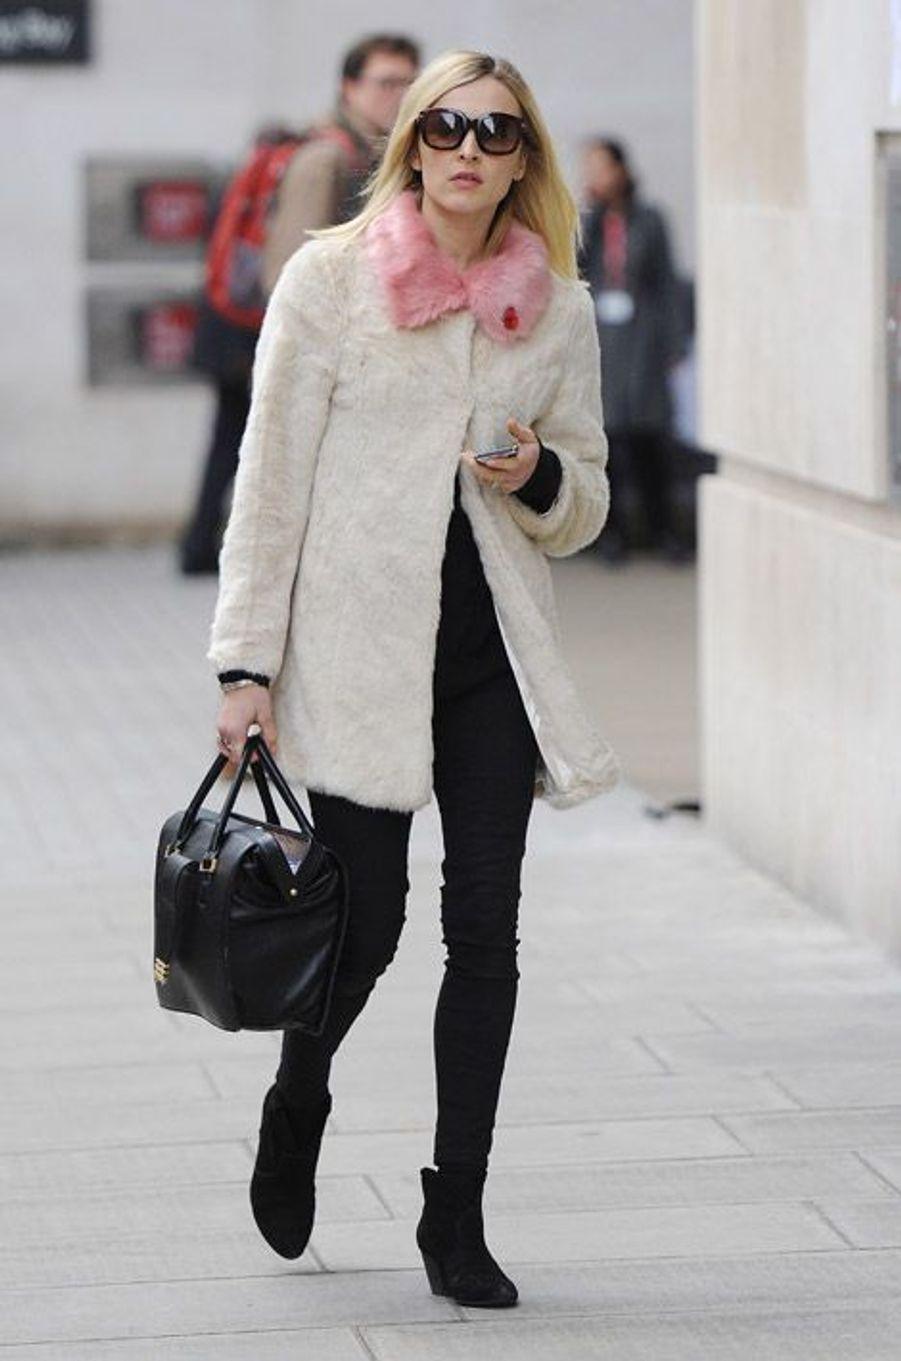 La journaliste et i-girl anglaise Fearne Cotton à Londres, le 7 novembre 2014